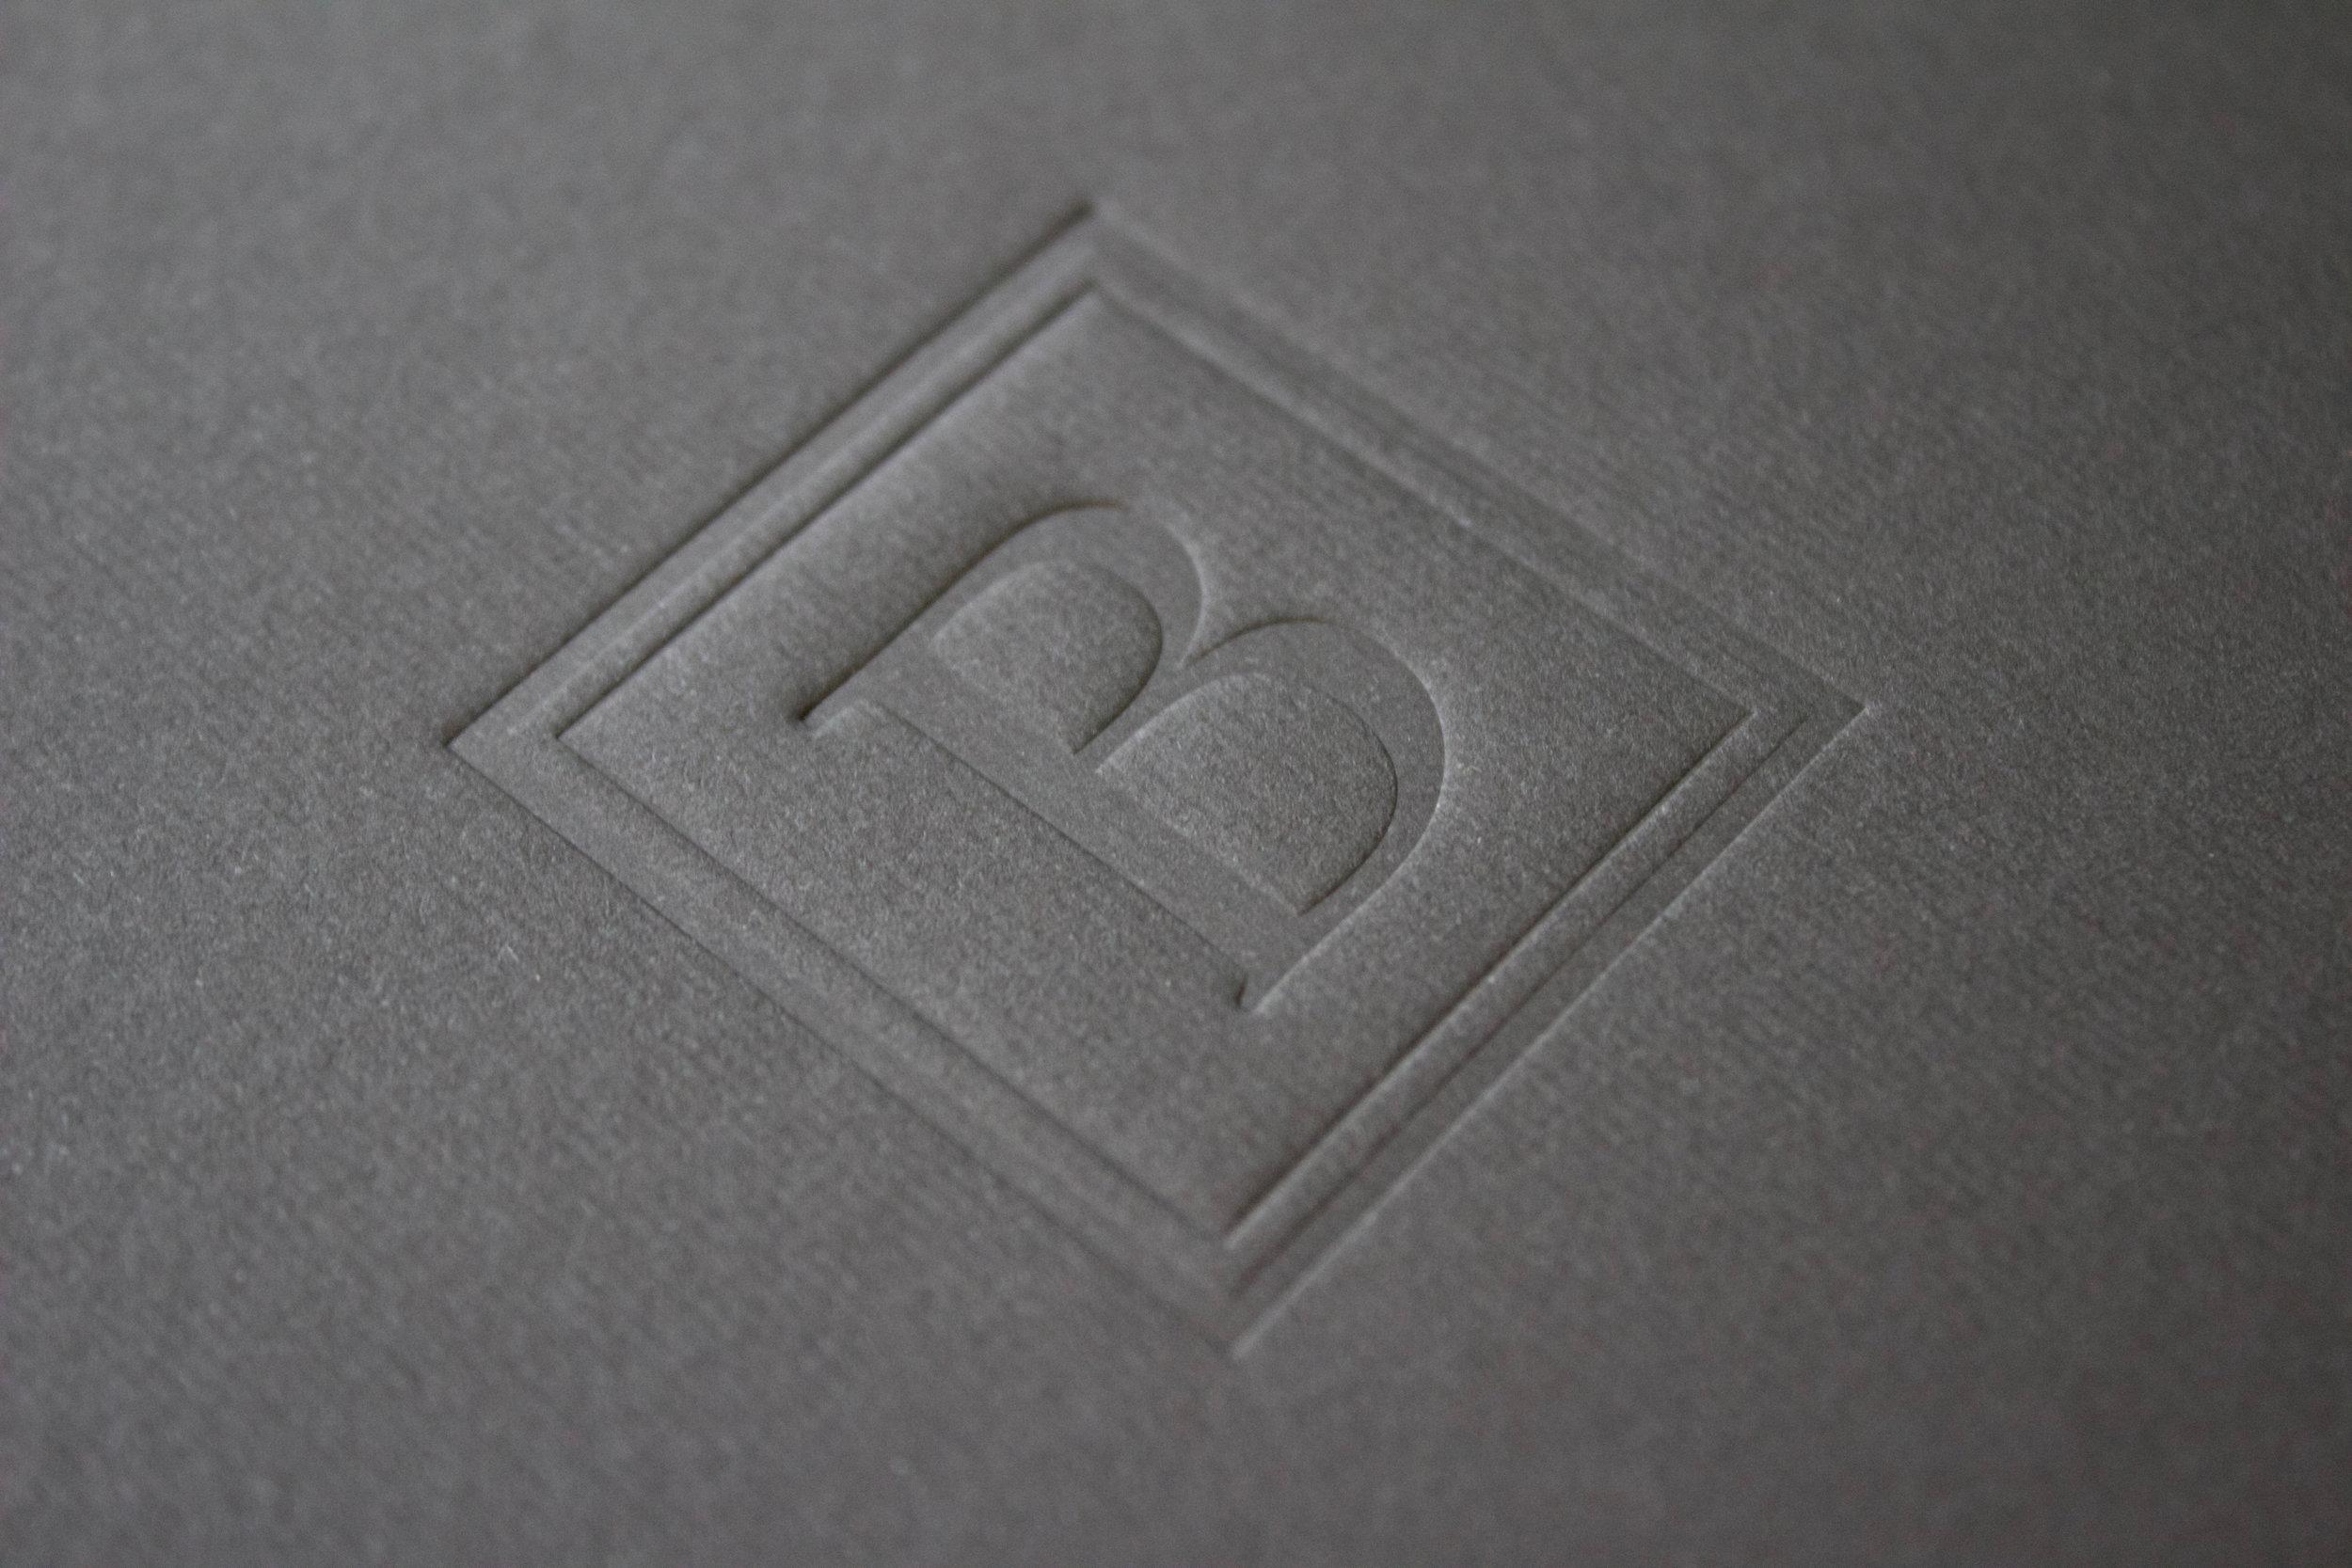 Blind deboss logomark